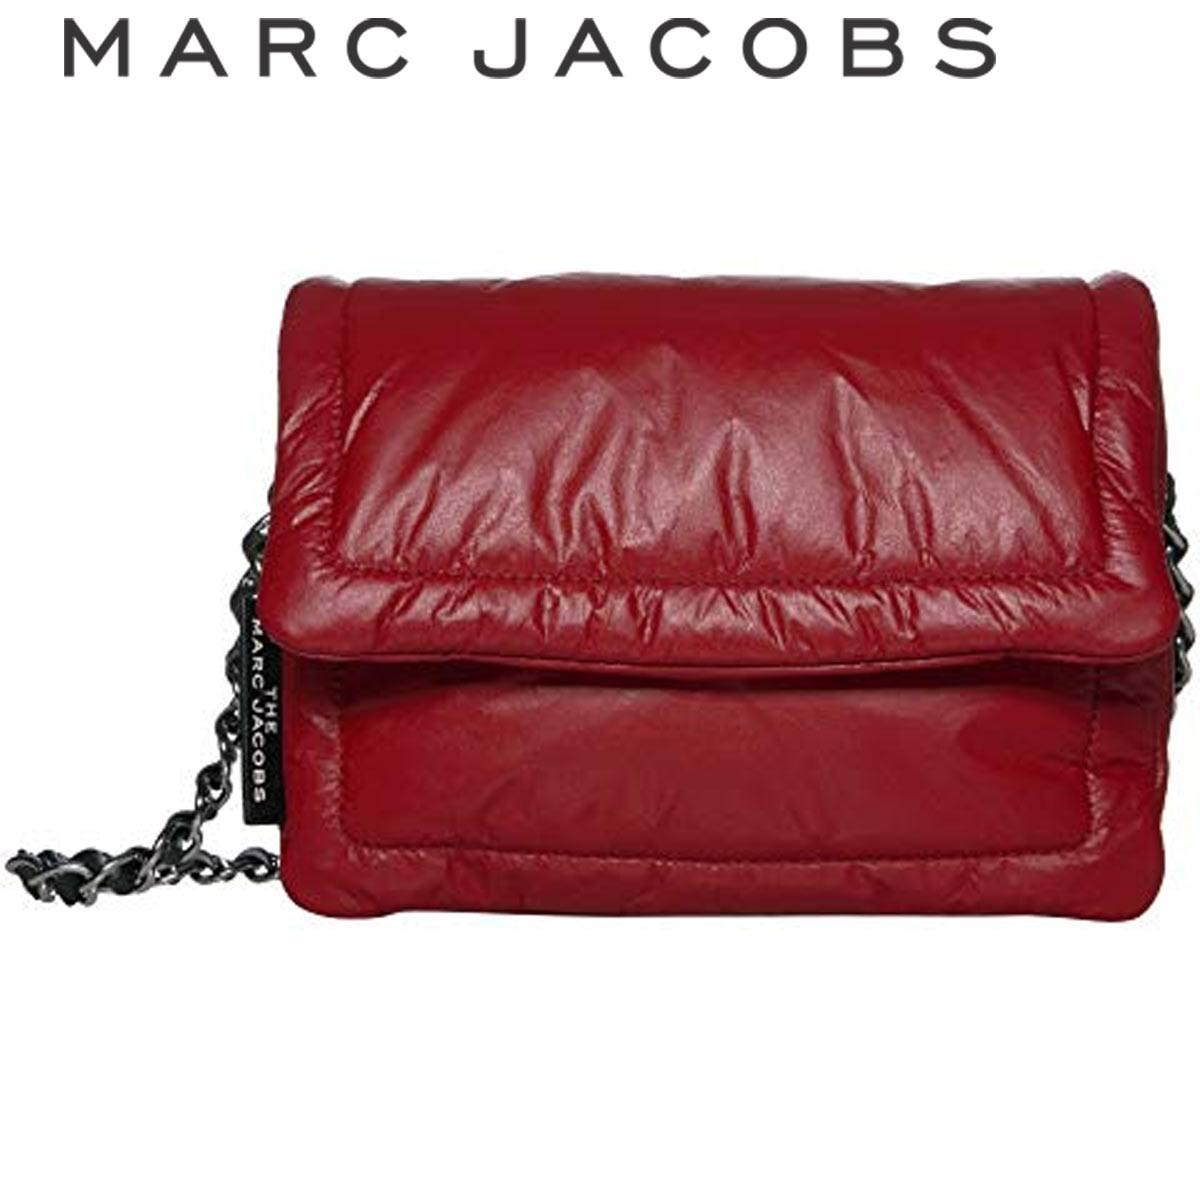 マークジェイコブス バッグ ショルダーバッグ レディース 斜めがけ 大人 ブランド かわいい 小さめ 本革 MARC JACOBS